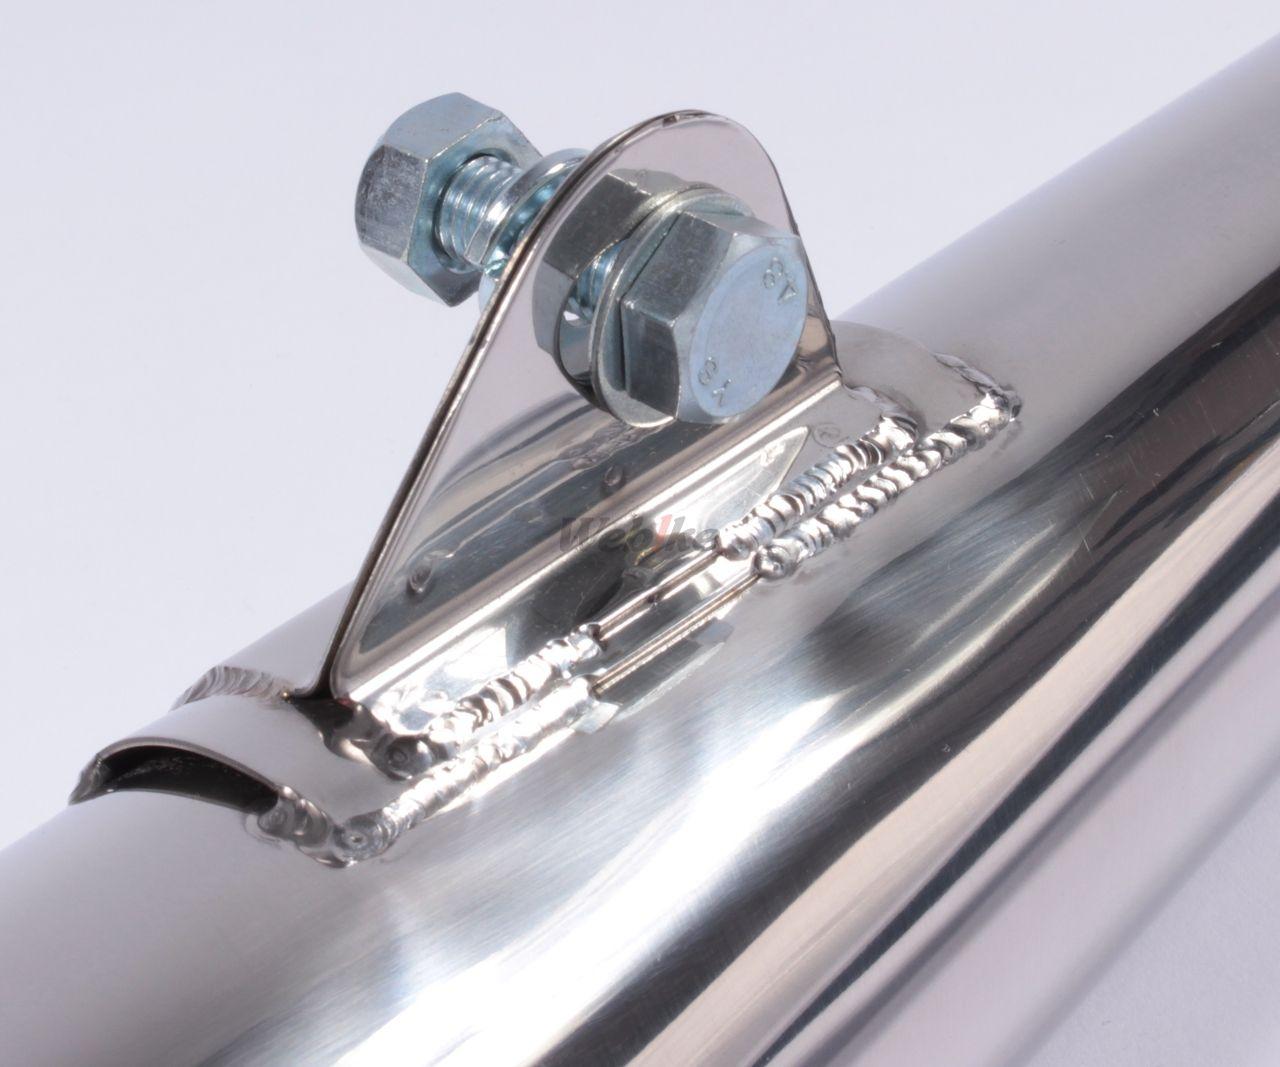 【Peyton Place】Norton Type 不銹鋼排氣管尾段 - 「Webike-摩托百貨」